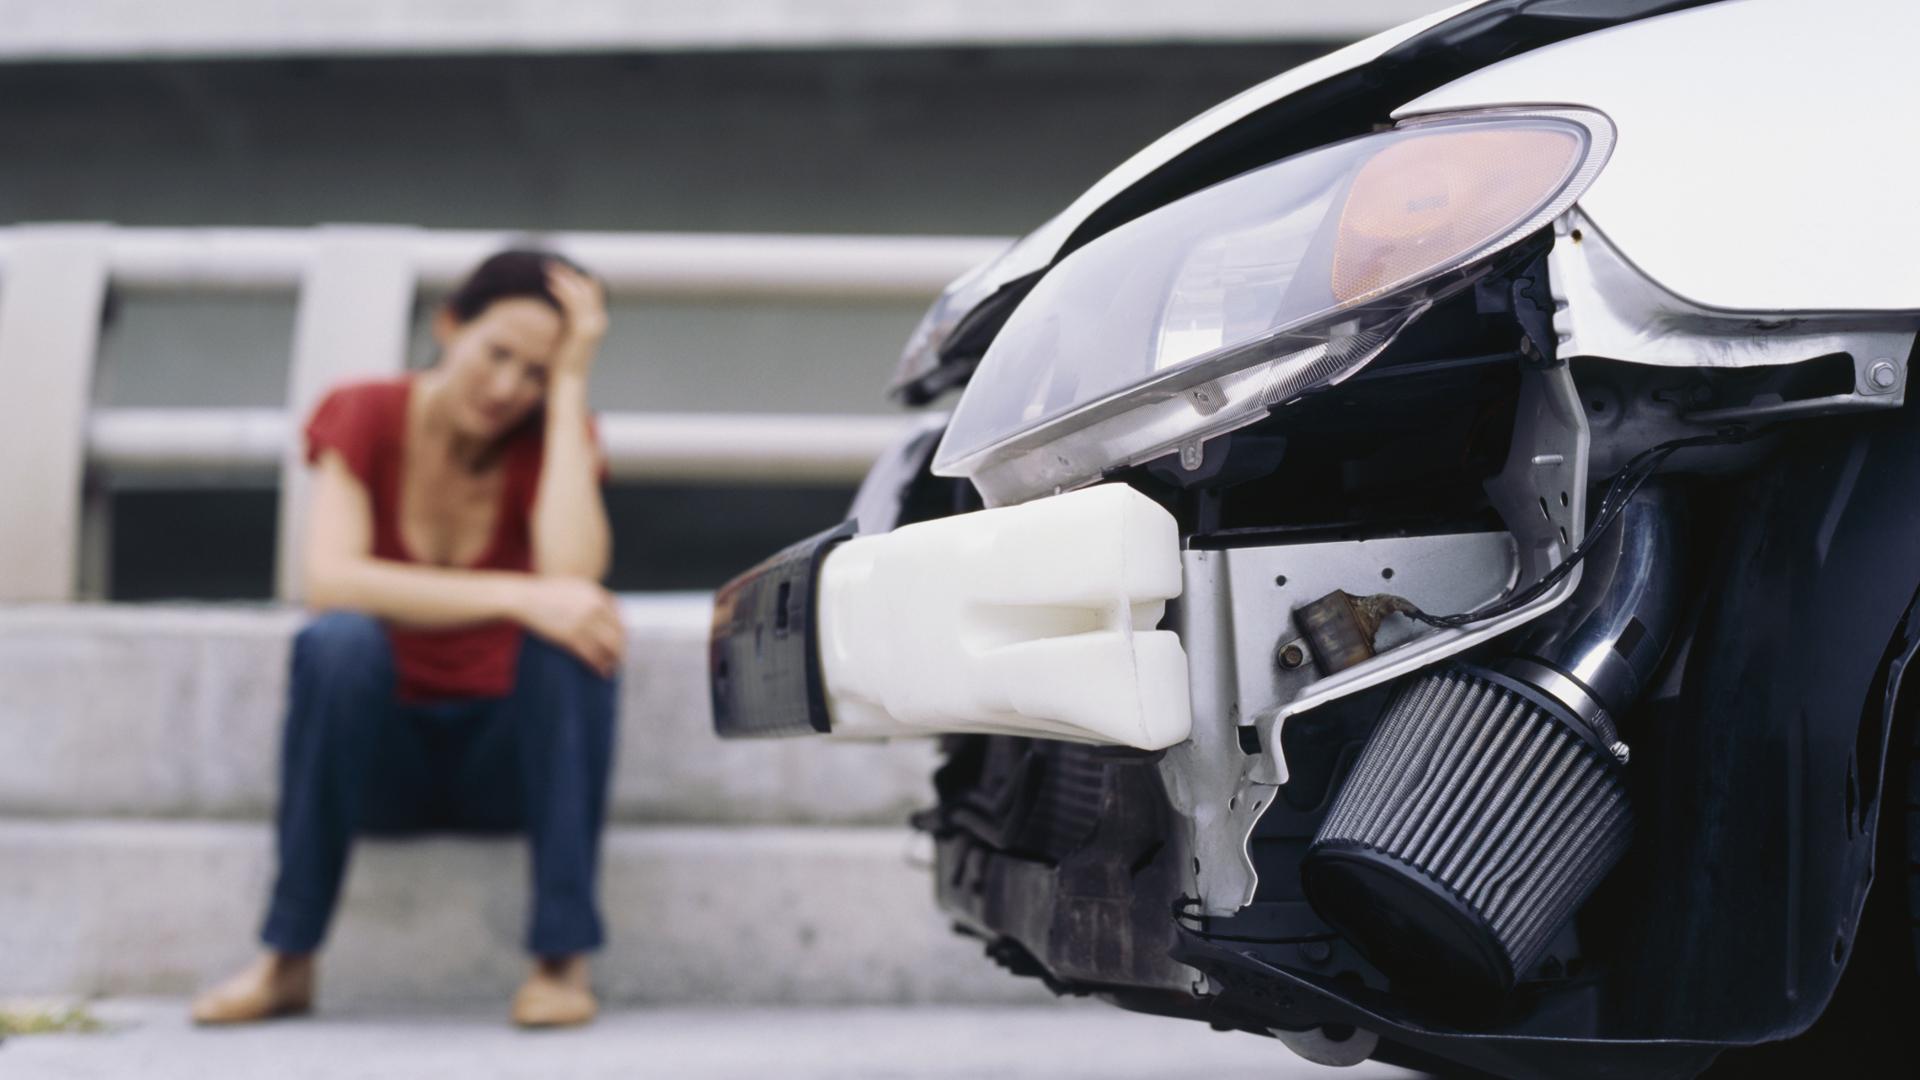 Resultado de imagen para El número de muertes por accidentes de tránsito en Ohio aumentó en 2019